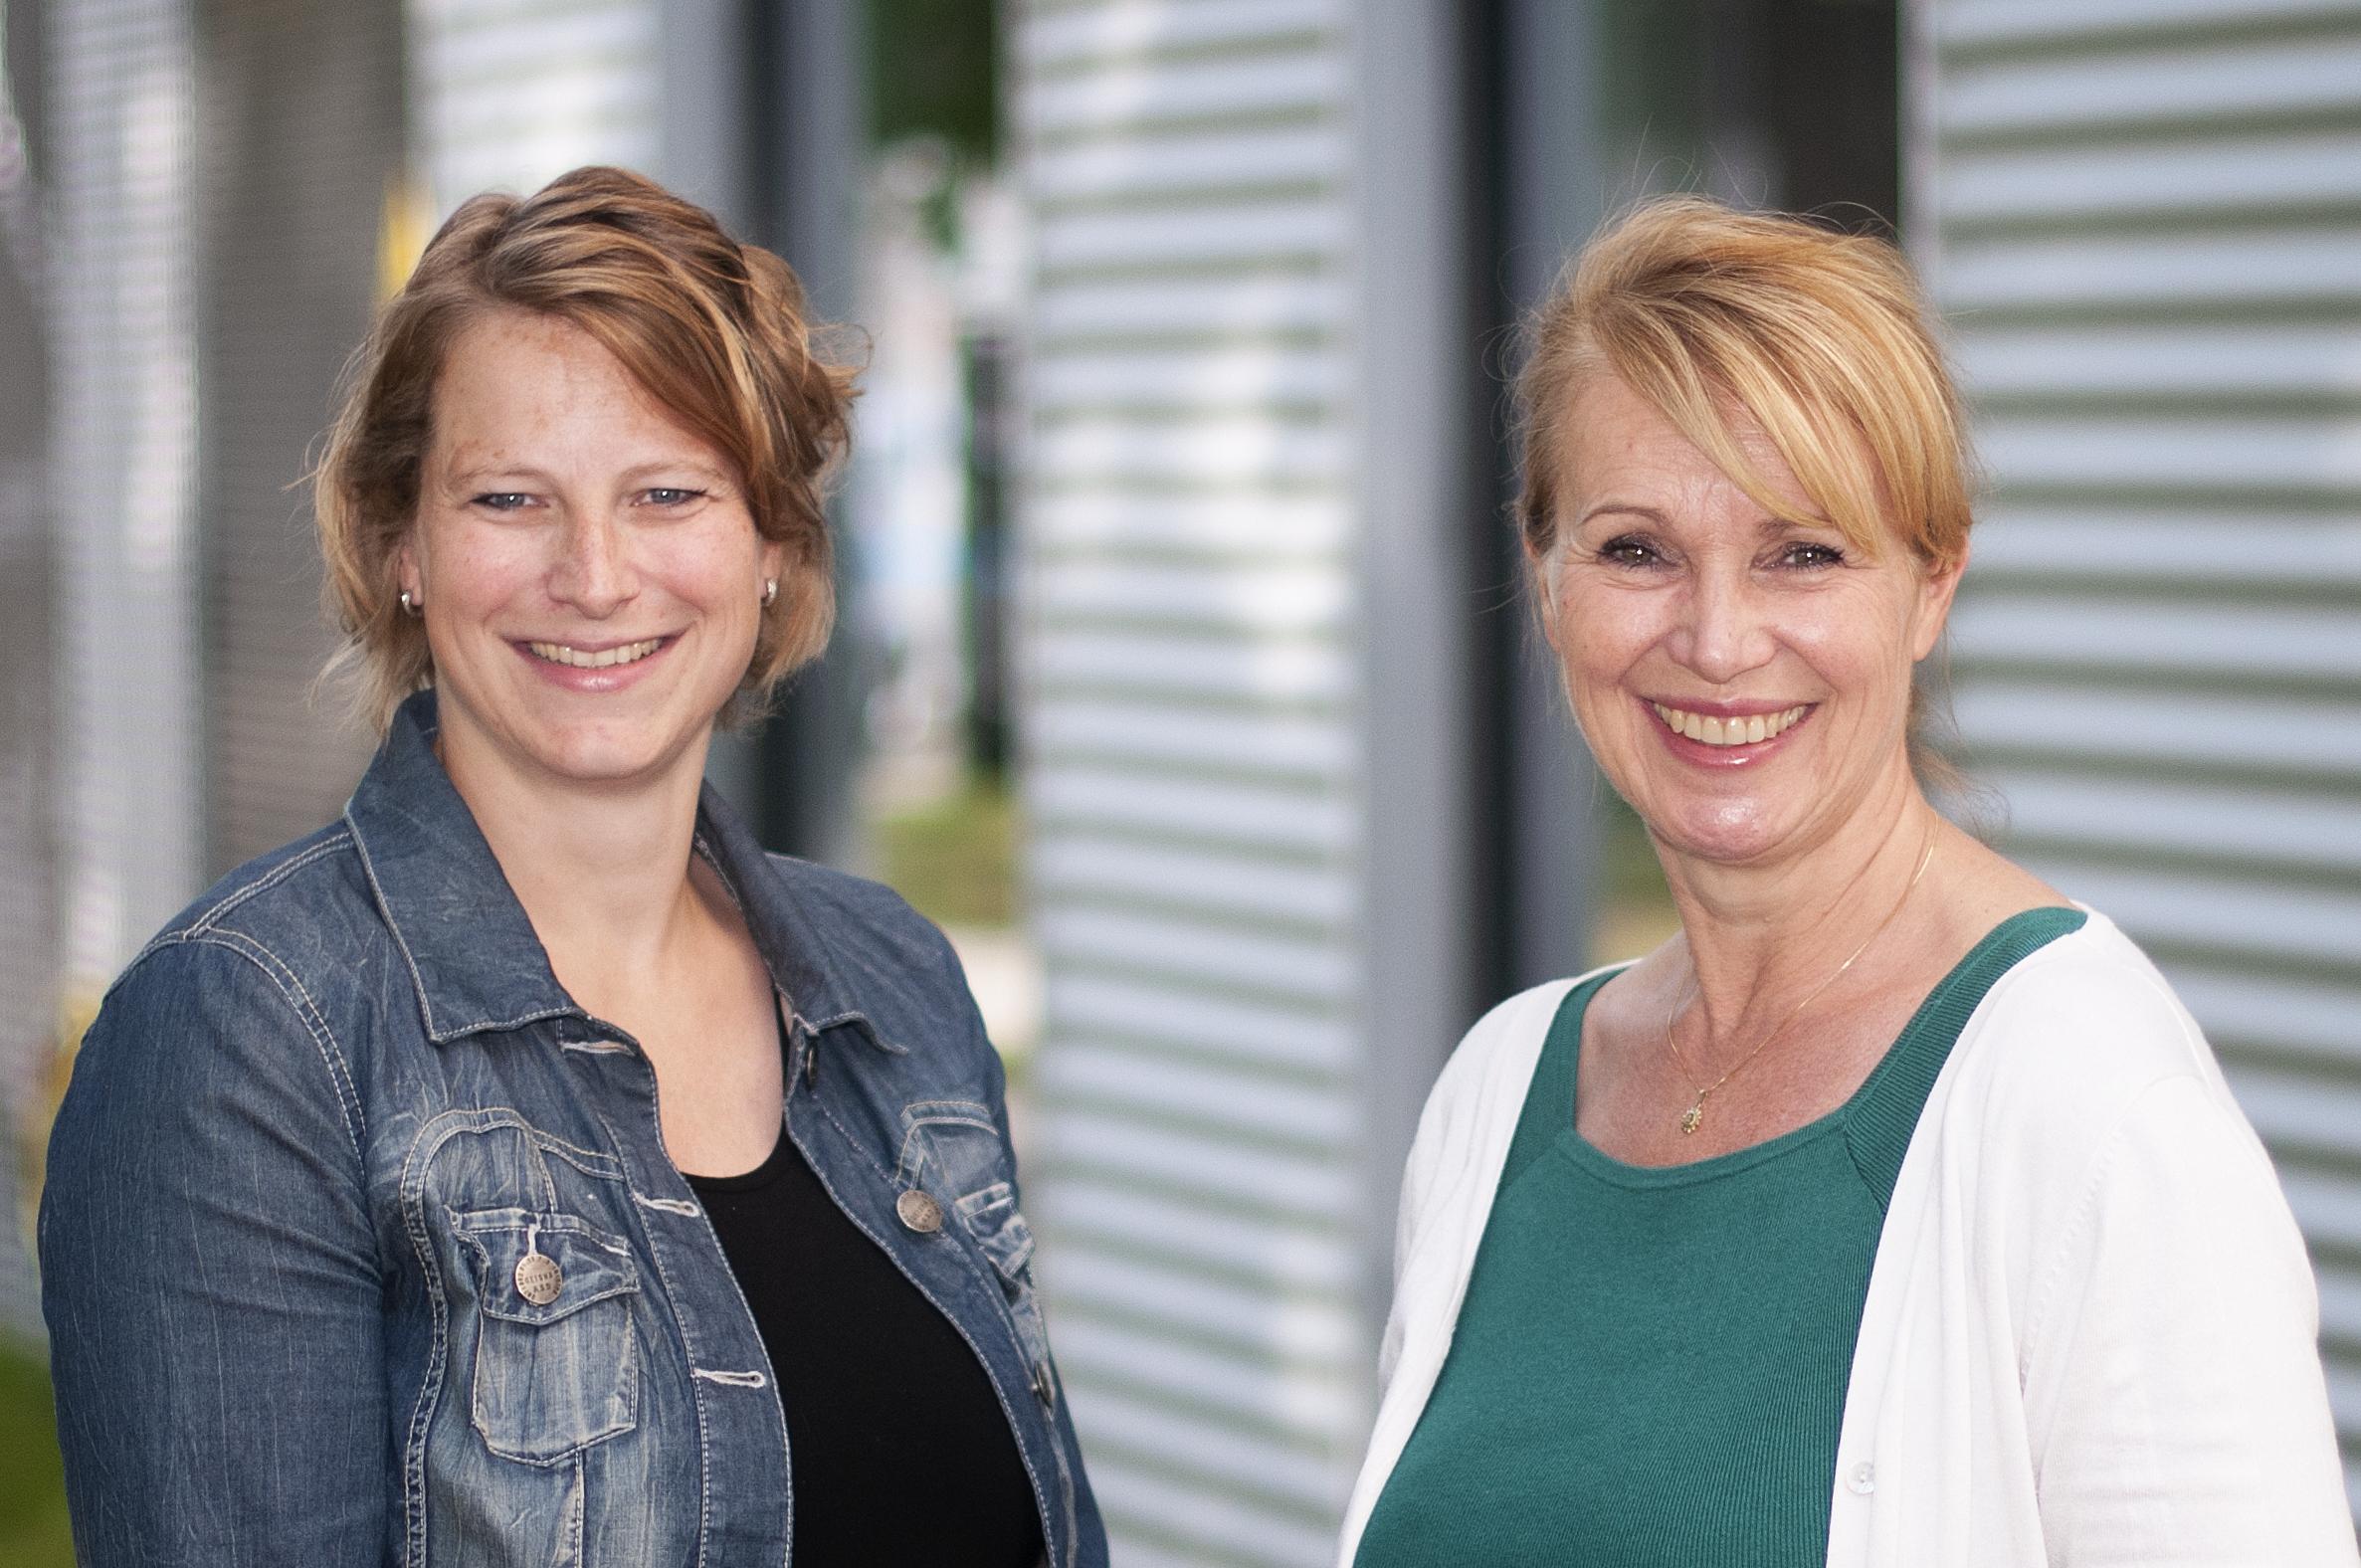 Initiatiefnemers Manon Krabbenborg (links) en Marlou Heskes